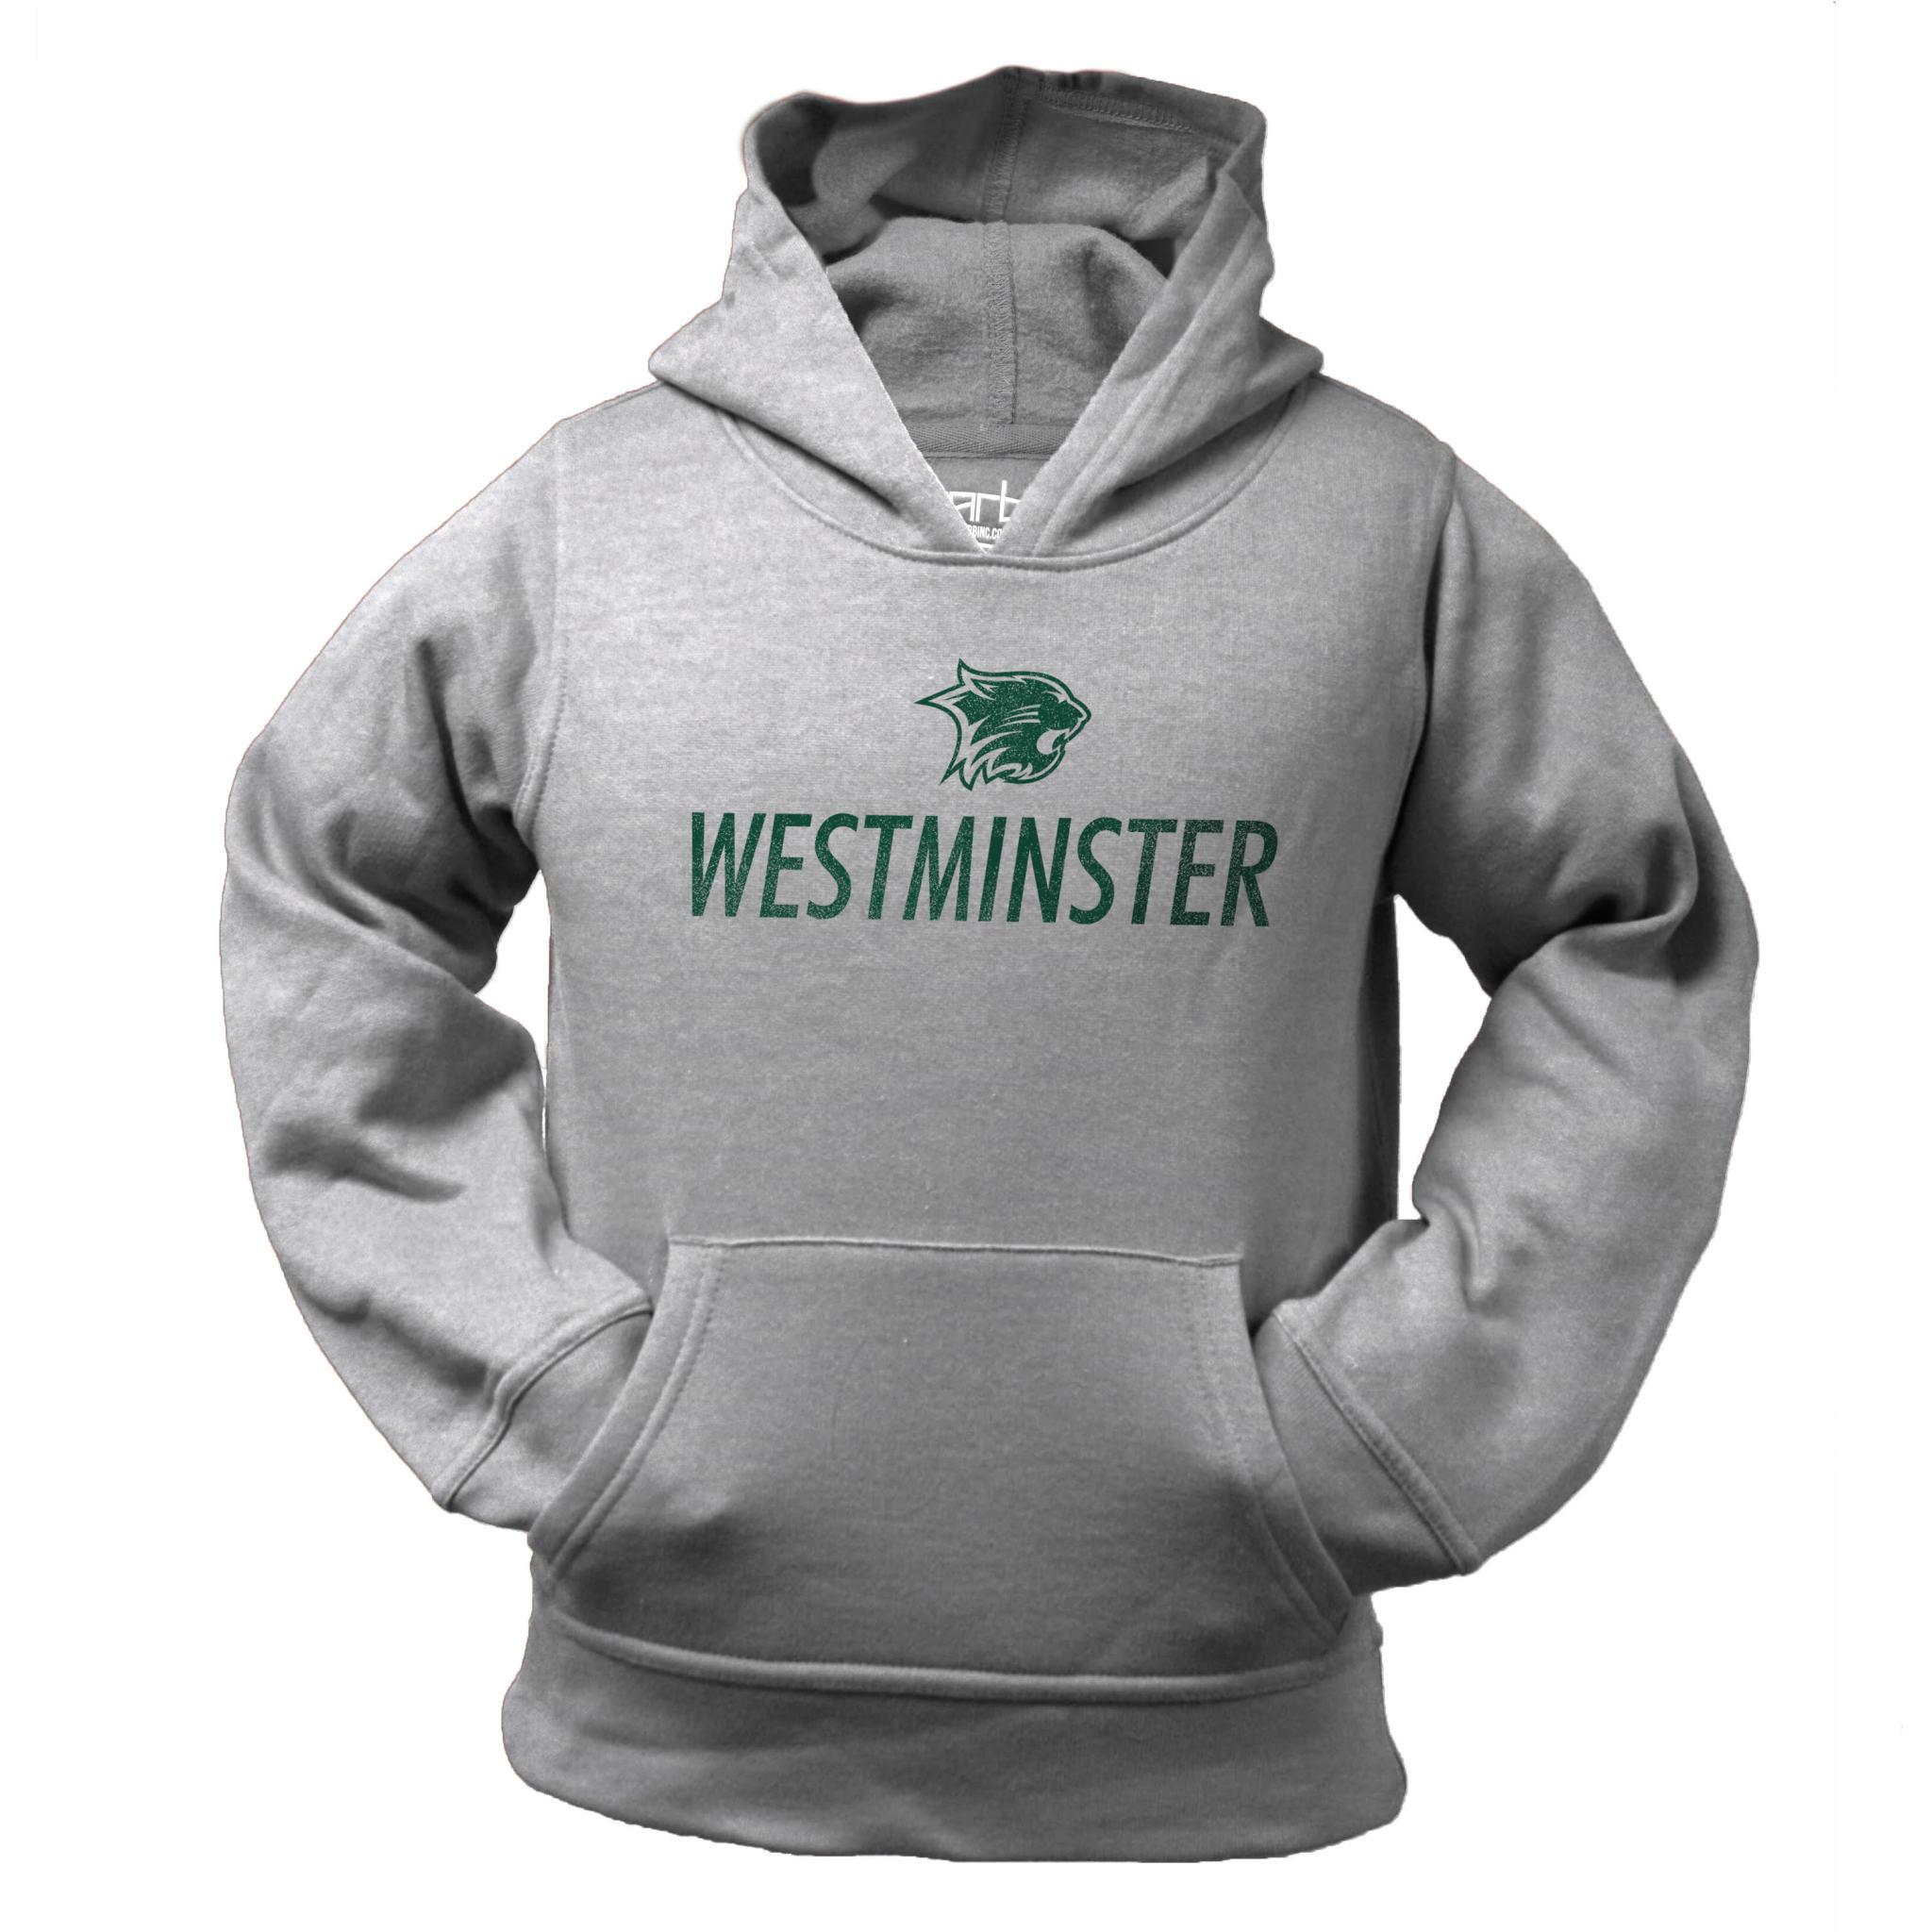 Sweatshirt: Garb Parker Oxford Hoody